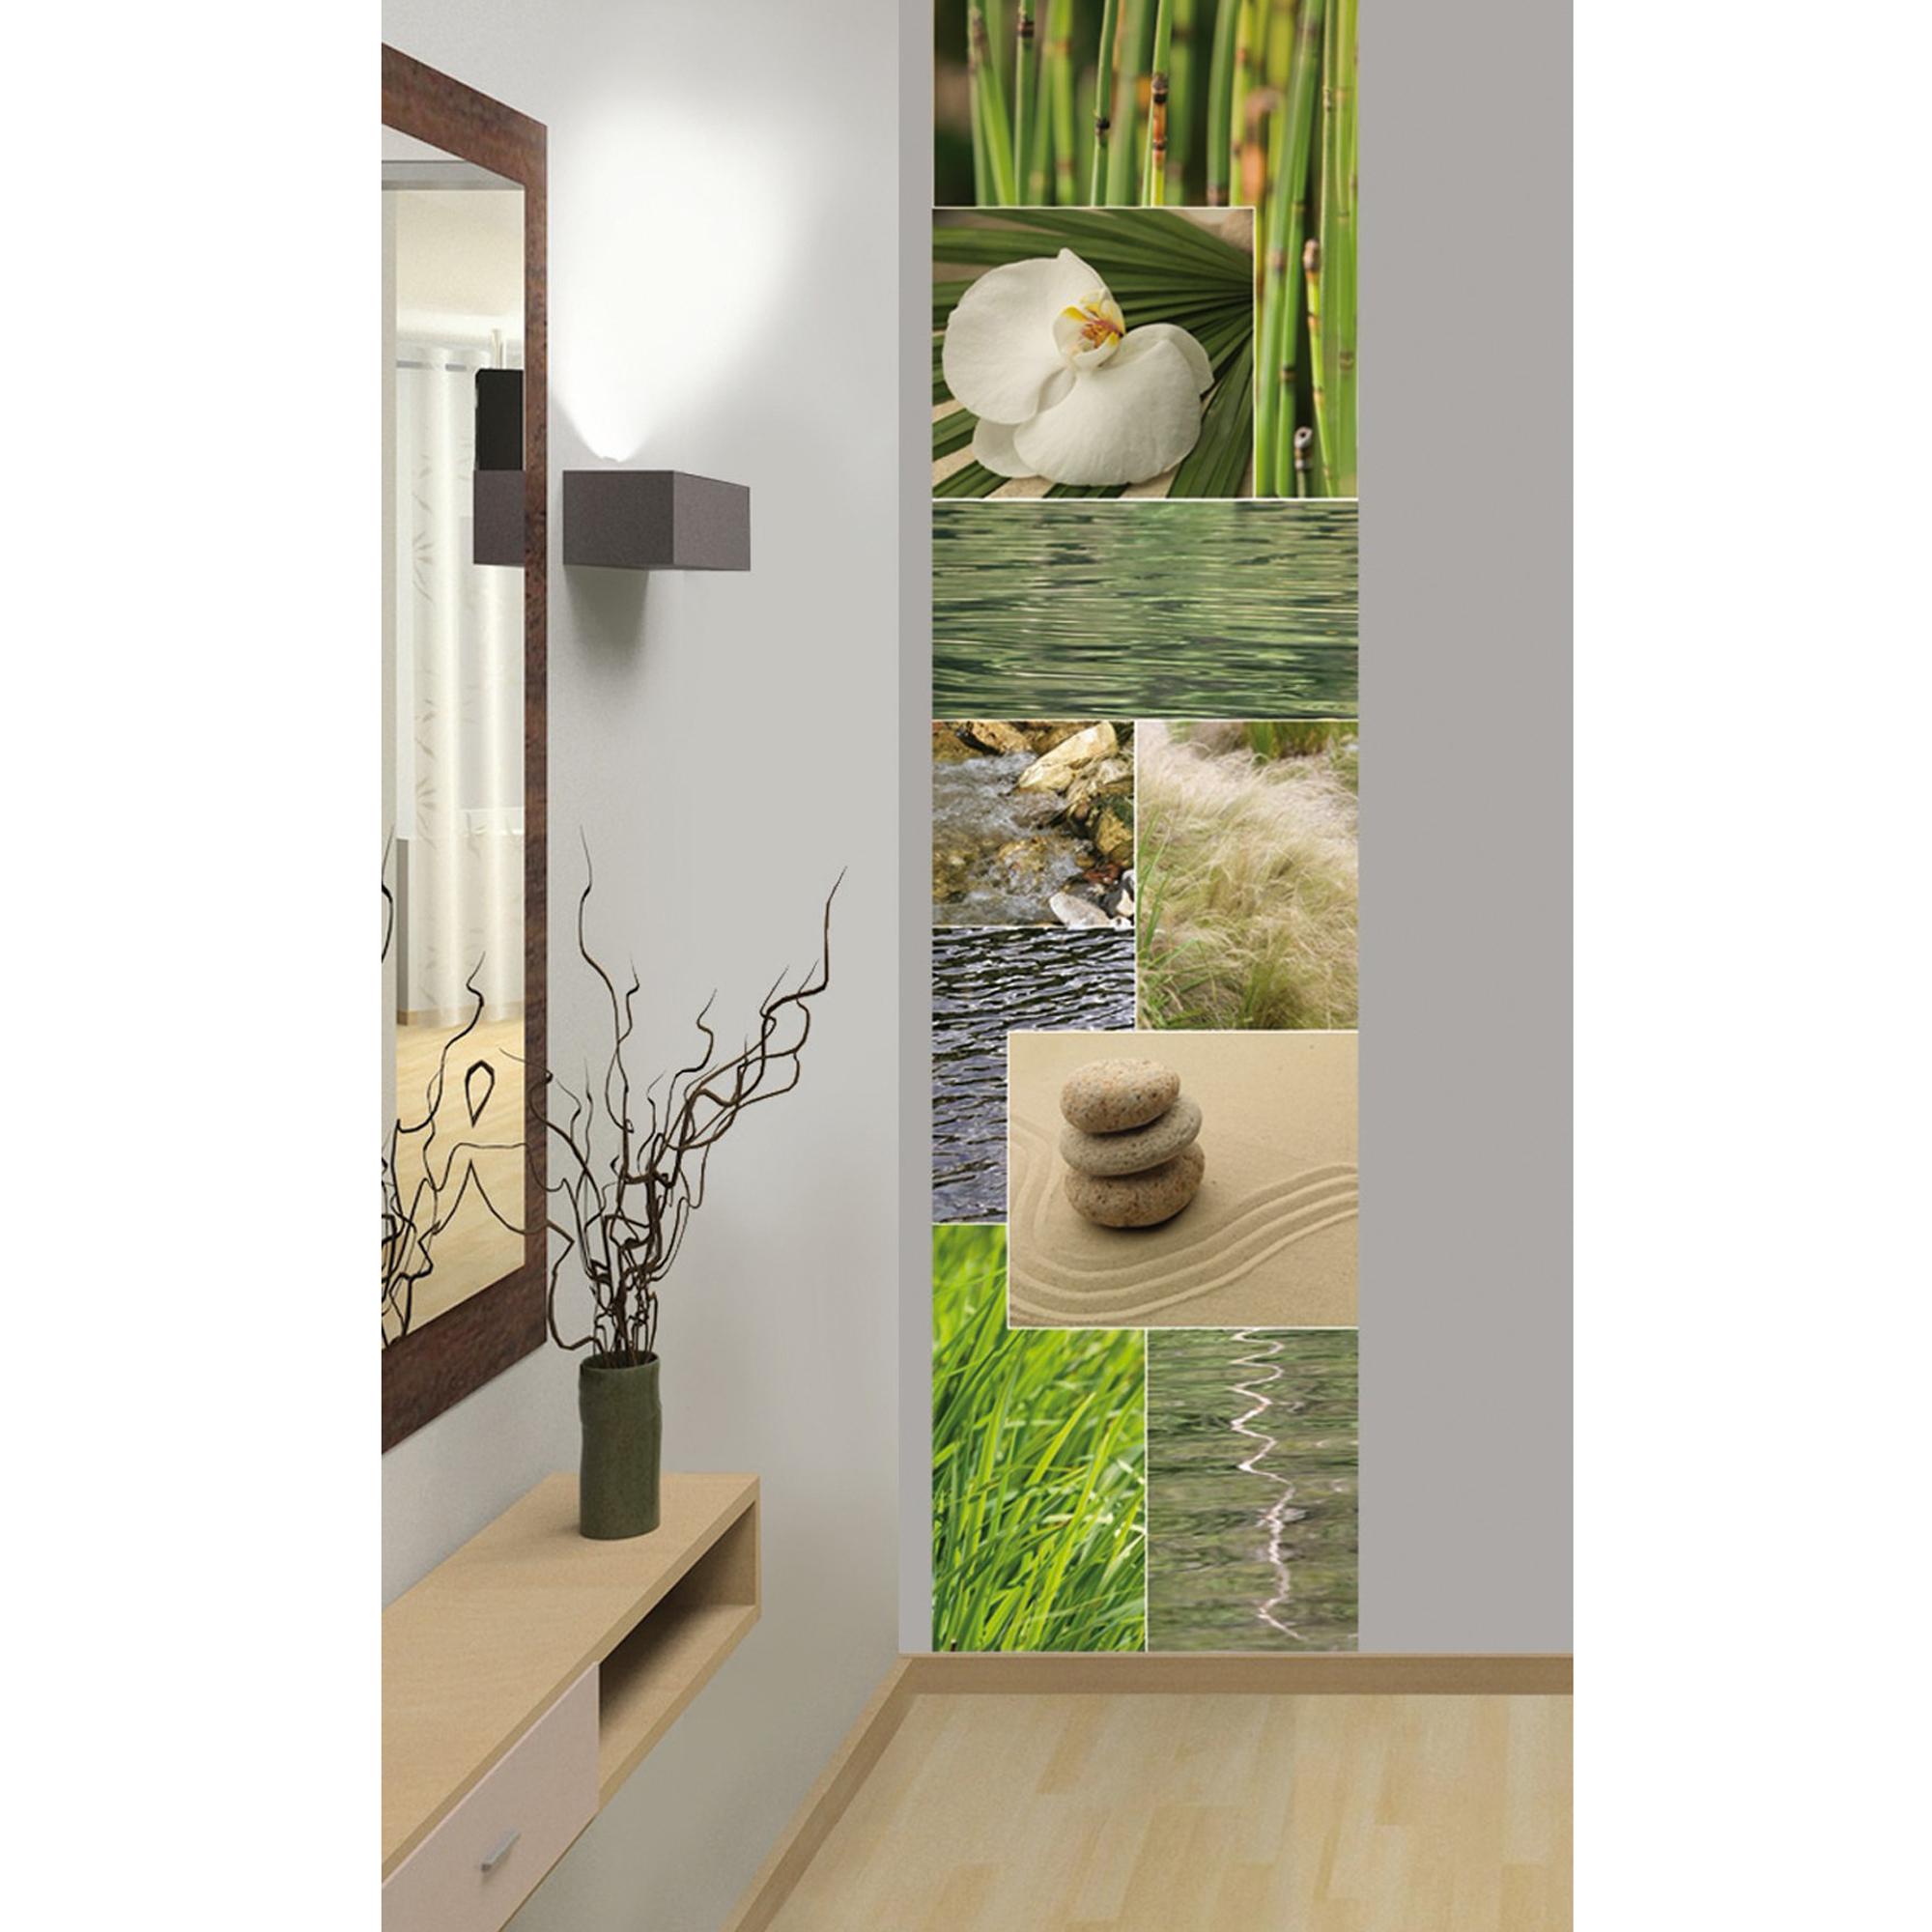 sticker panneau de d coration zen 60 x 240 cm acheter ce produit au meilleur prix. Black Bedroom Furniture Sets. Home Design Ideas